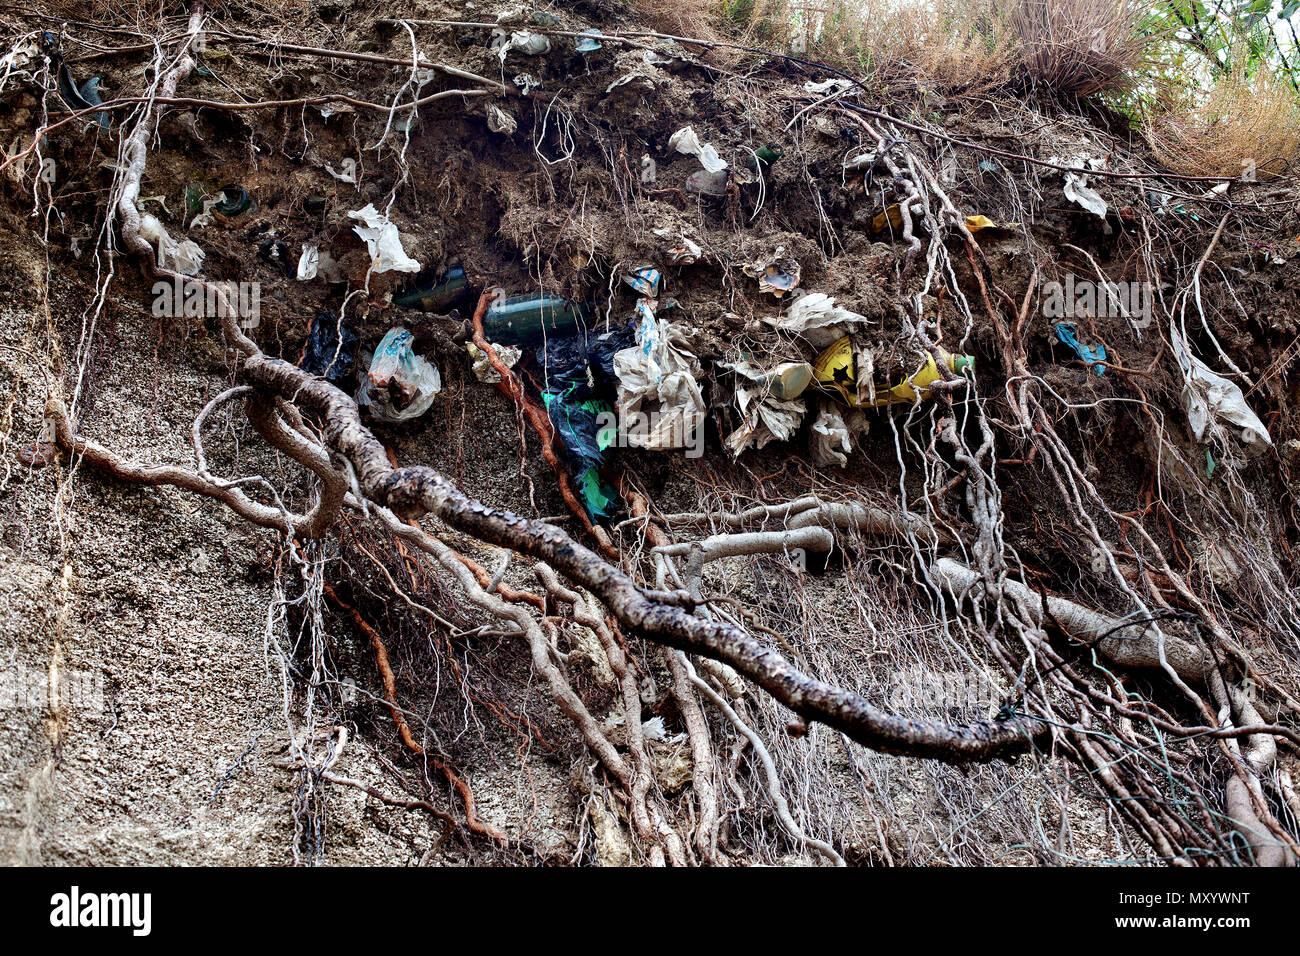 Sacchetti di plastica e spazzatura miscelato con il terreno, Spagna. Immagini Stock